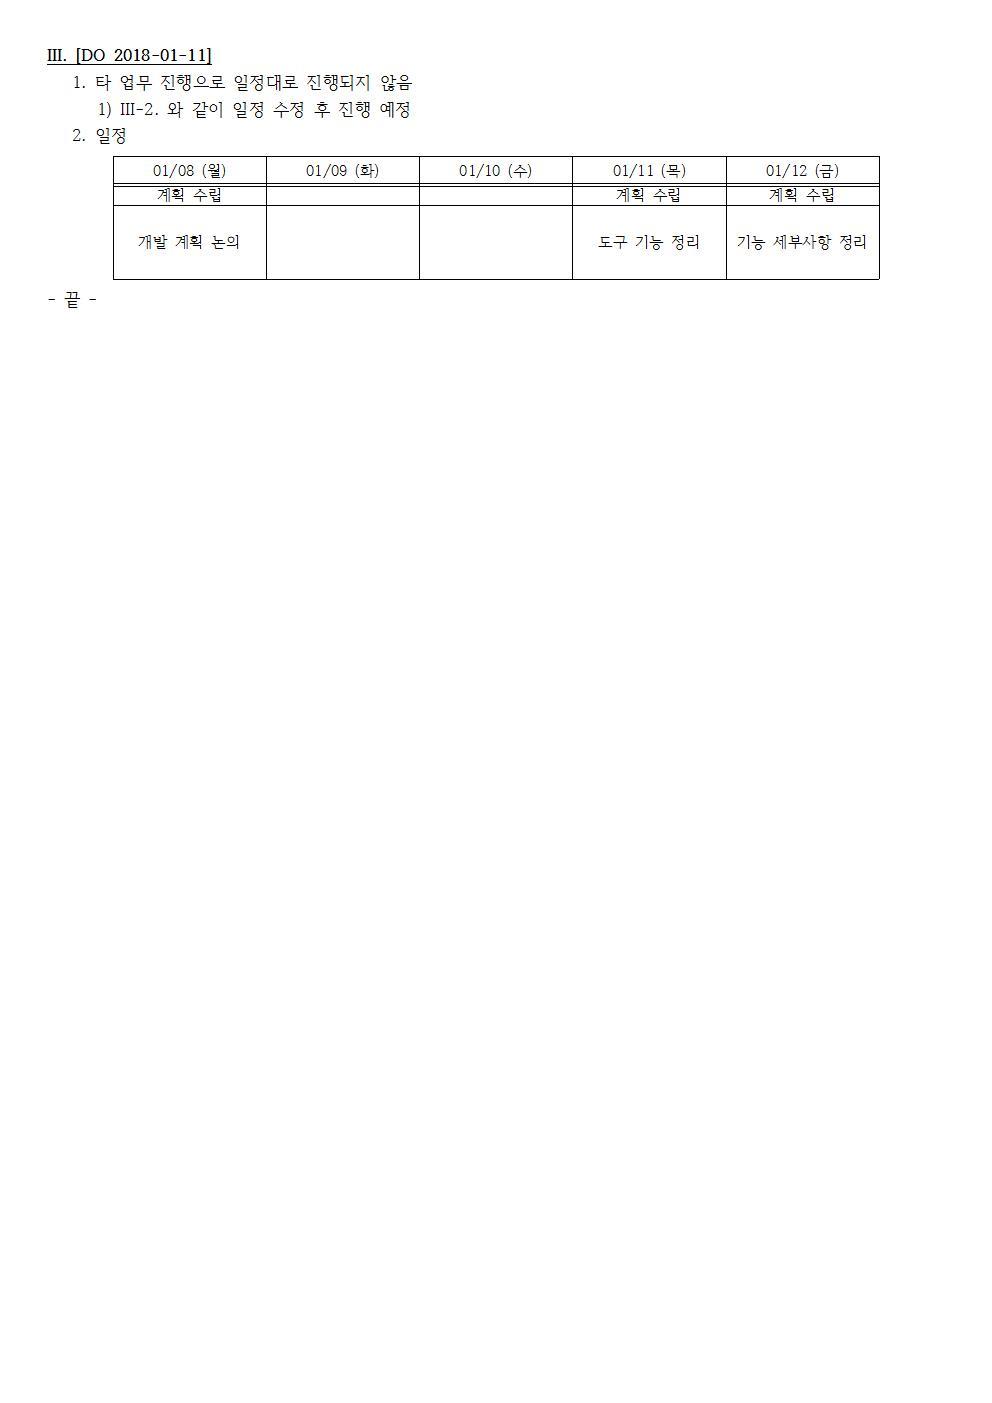 D-[18-003-RD-03]-[SRRE]-[2018-01-11][JS]002.jpg